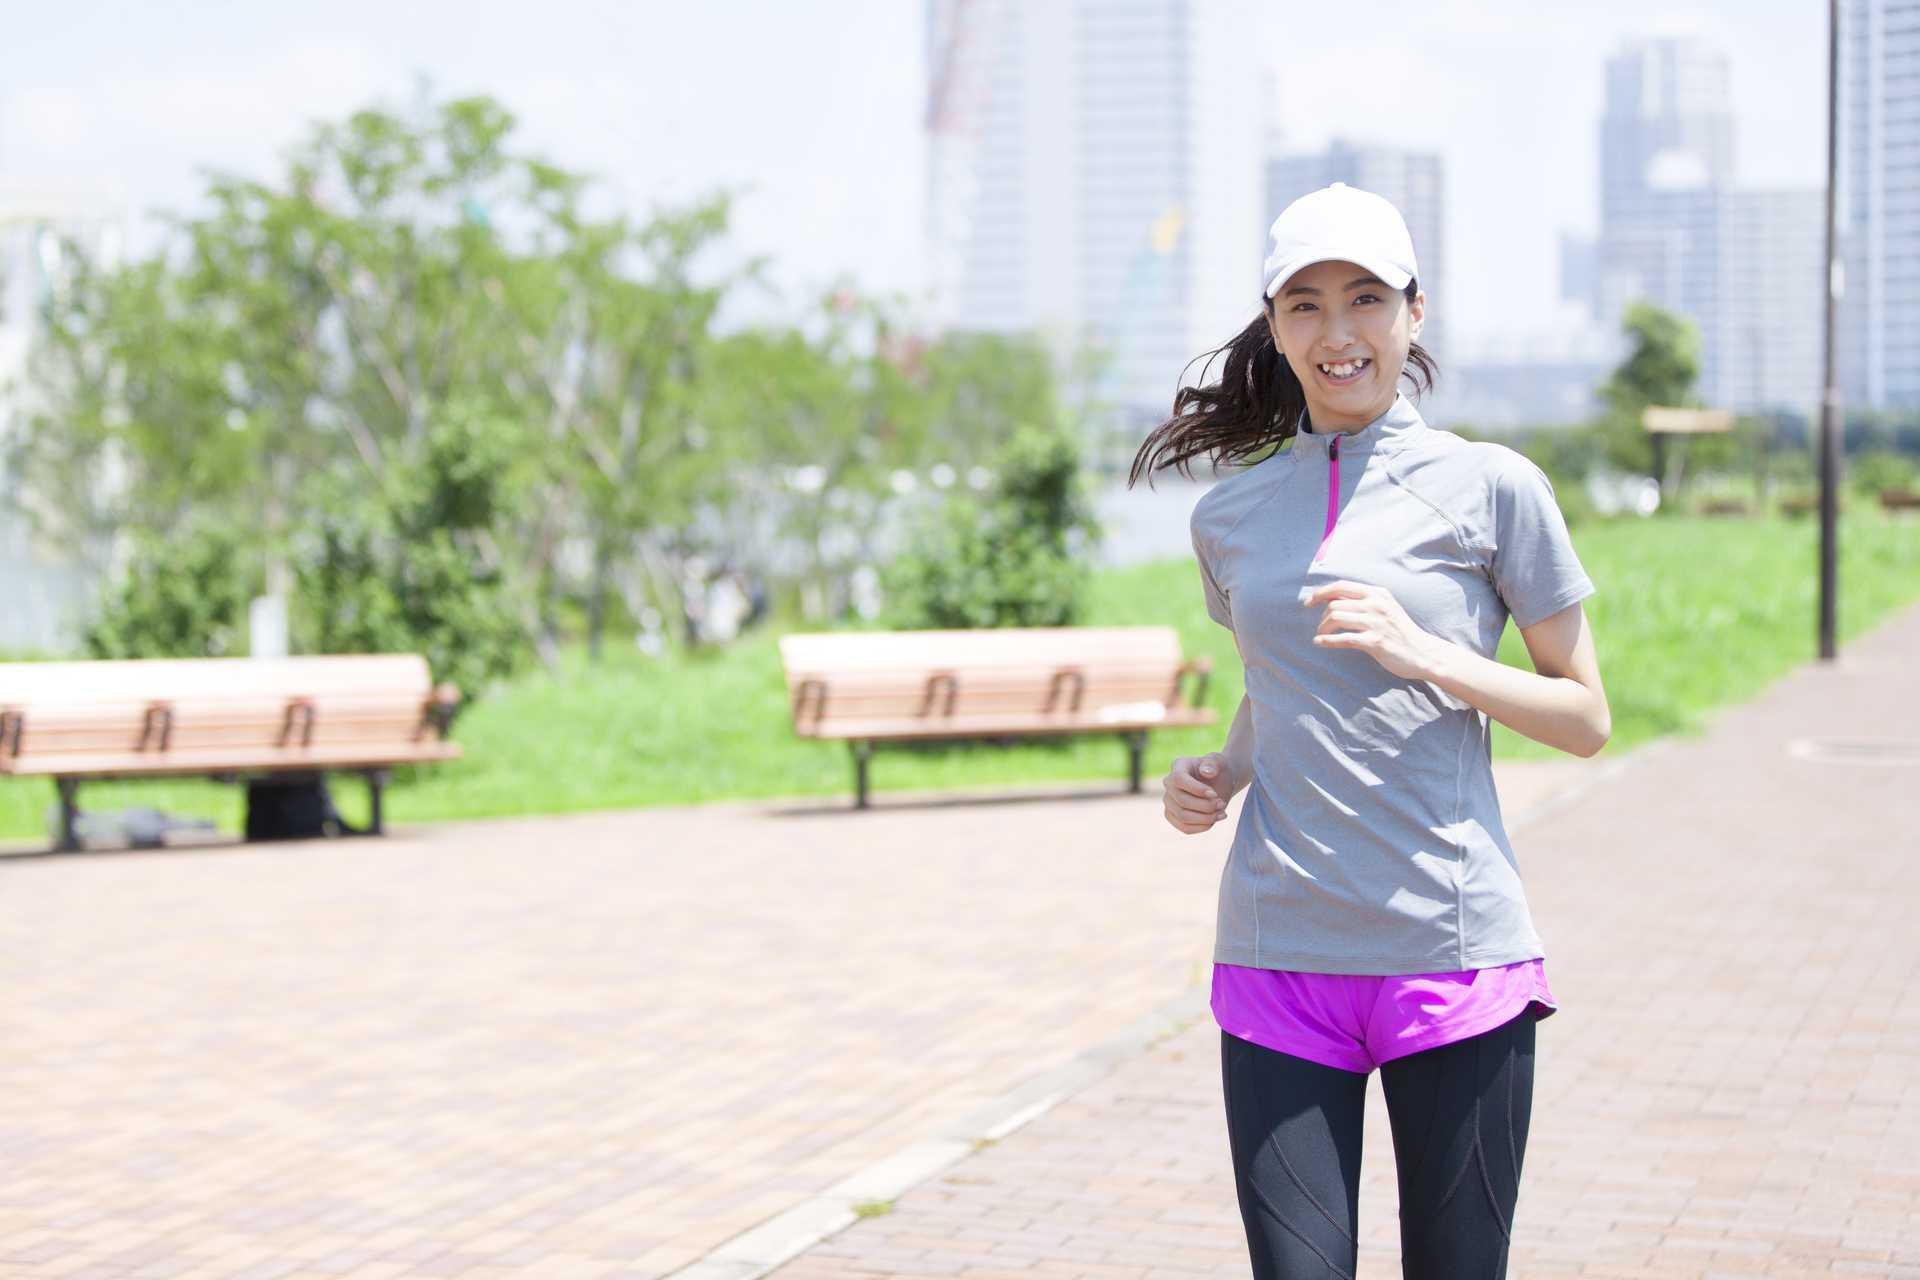 運動は、しなくても、しすぎてもいけない。 | 早朝の散歩習慣のすすめ